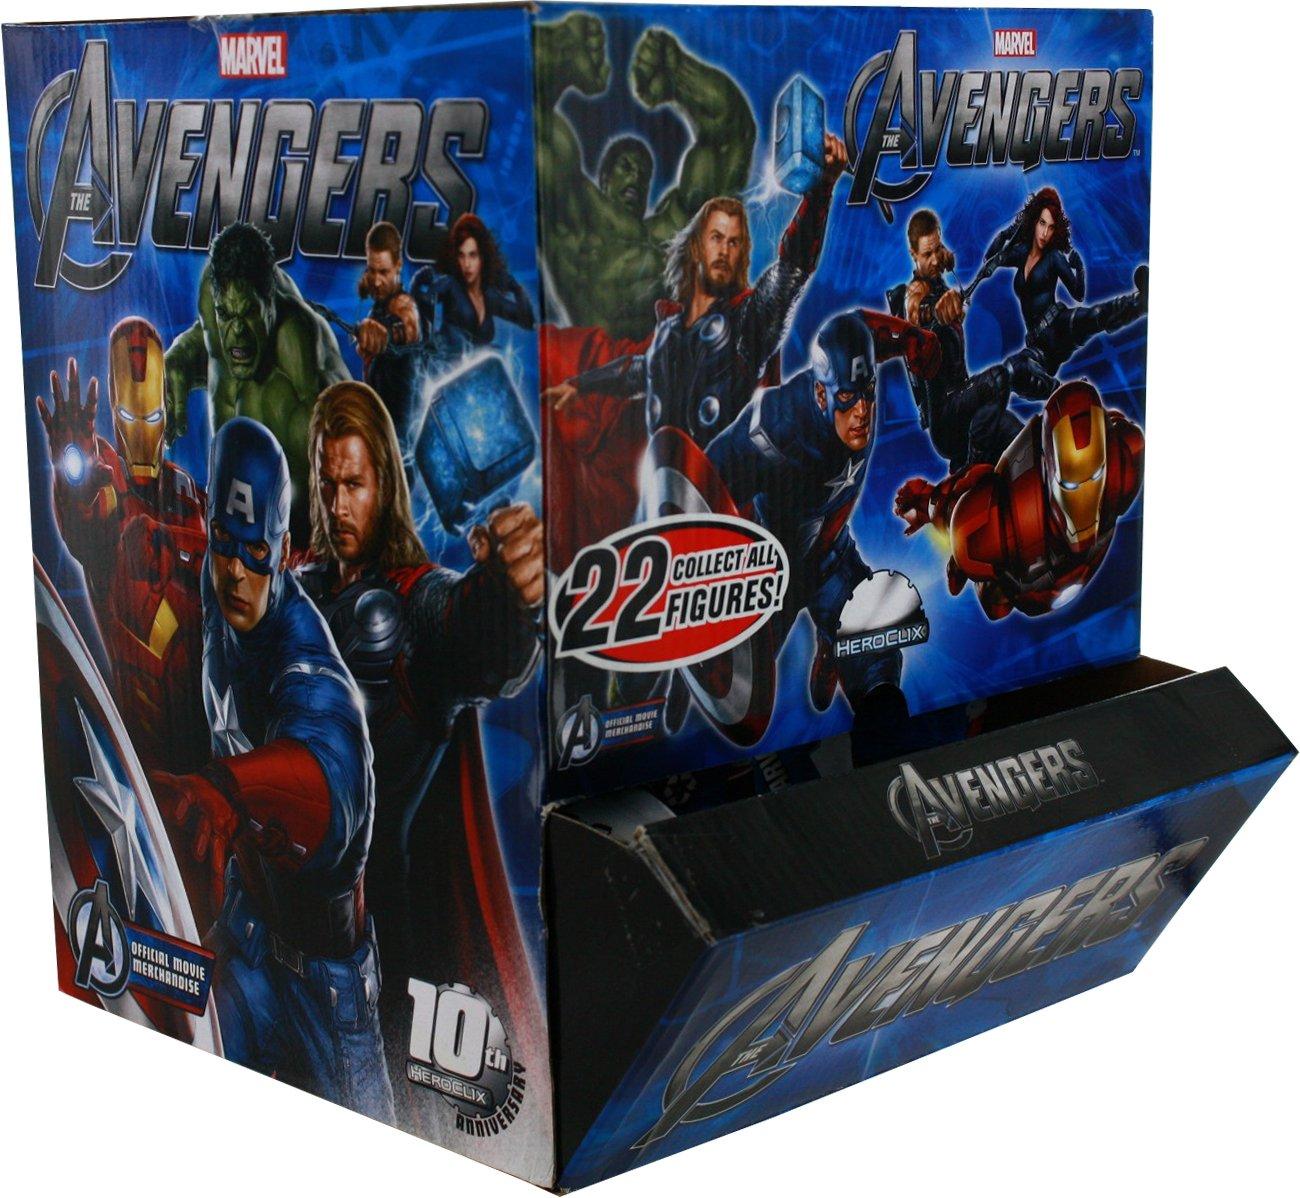 Marvel HeroClix: Avengers B008B98OGY Movie Counter Marvel Counter Top - Full Display B008B98OGY, 悪党の店 【卍】 バースジャパン:d83476cc --- 2017.goldenesbrett.net